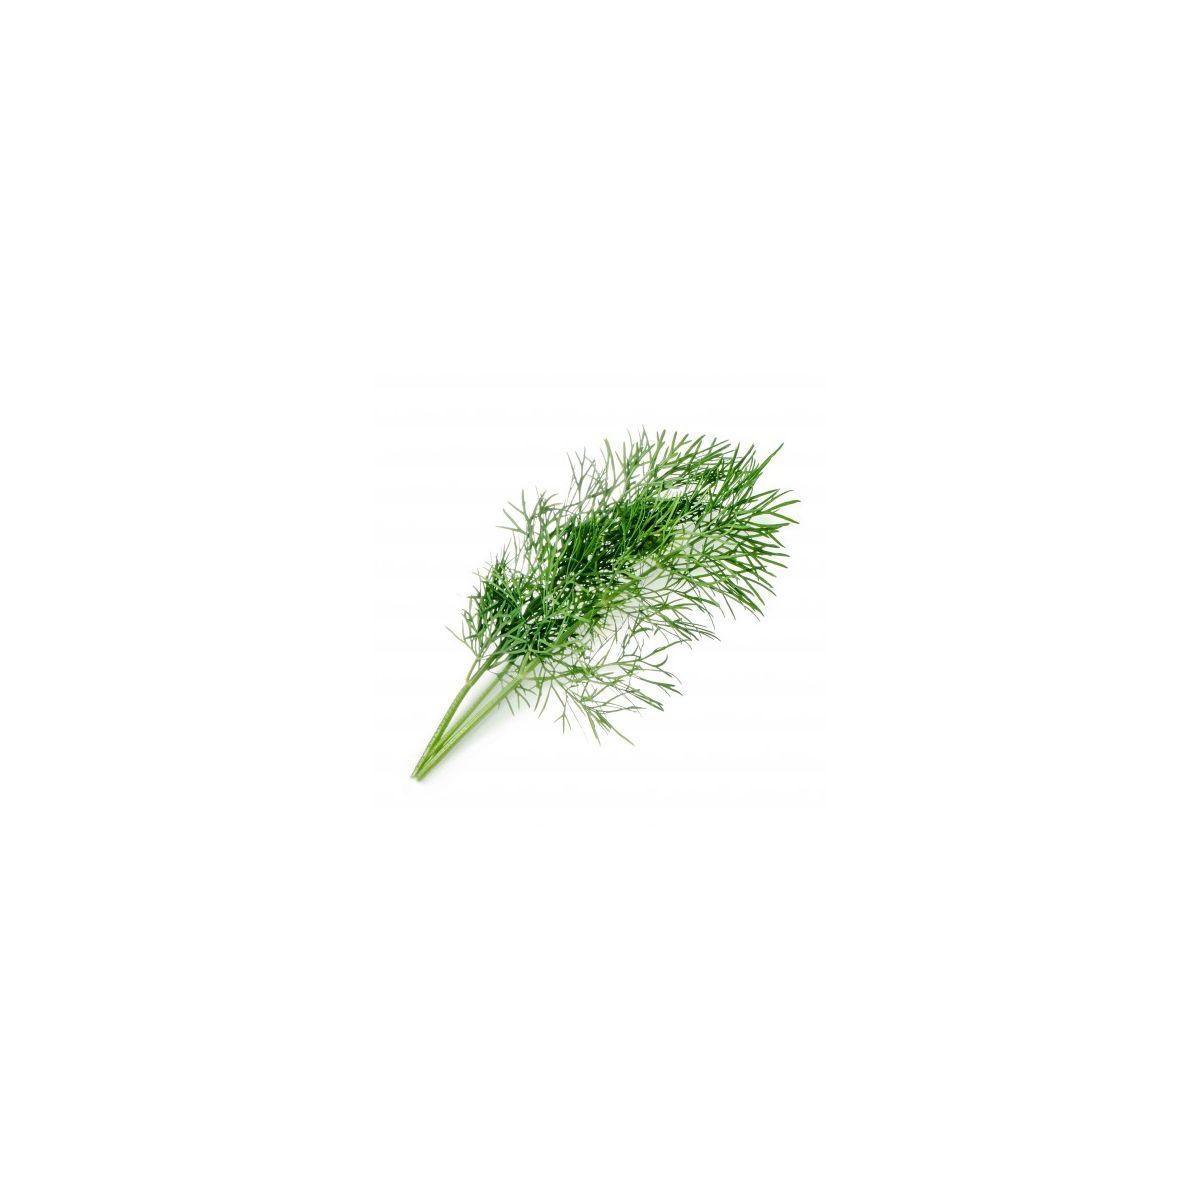 Recharge jardin int�rieur veritable aneth bio - 10% de remise imm�diate avec le code : deal10 (photo)